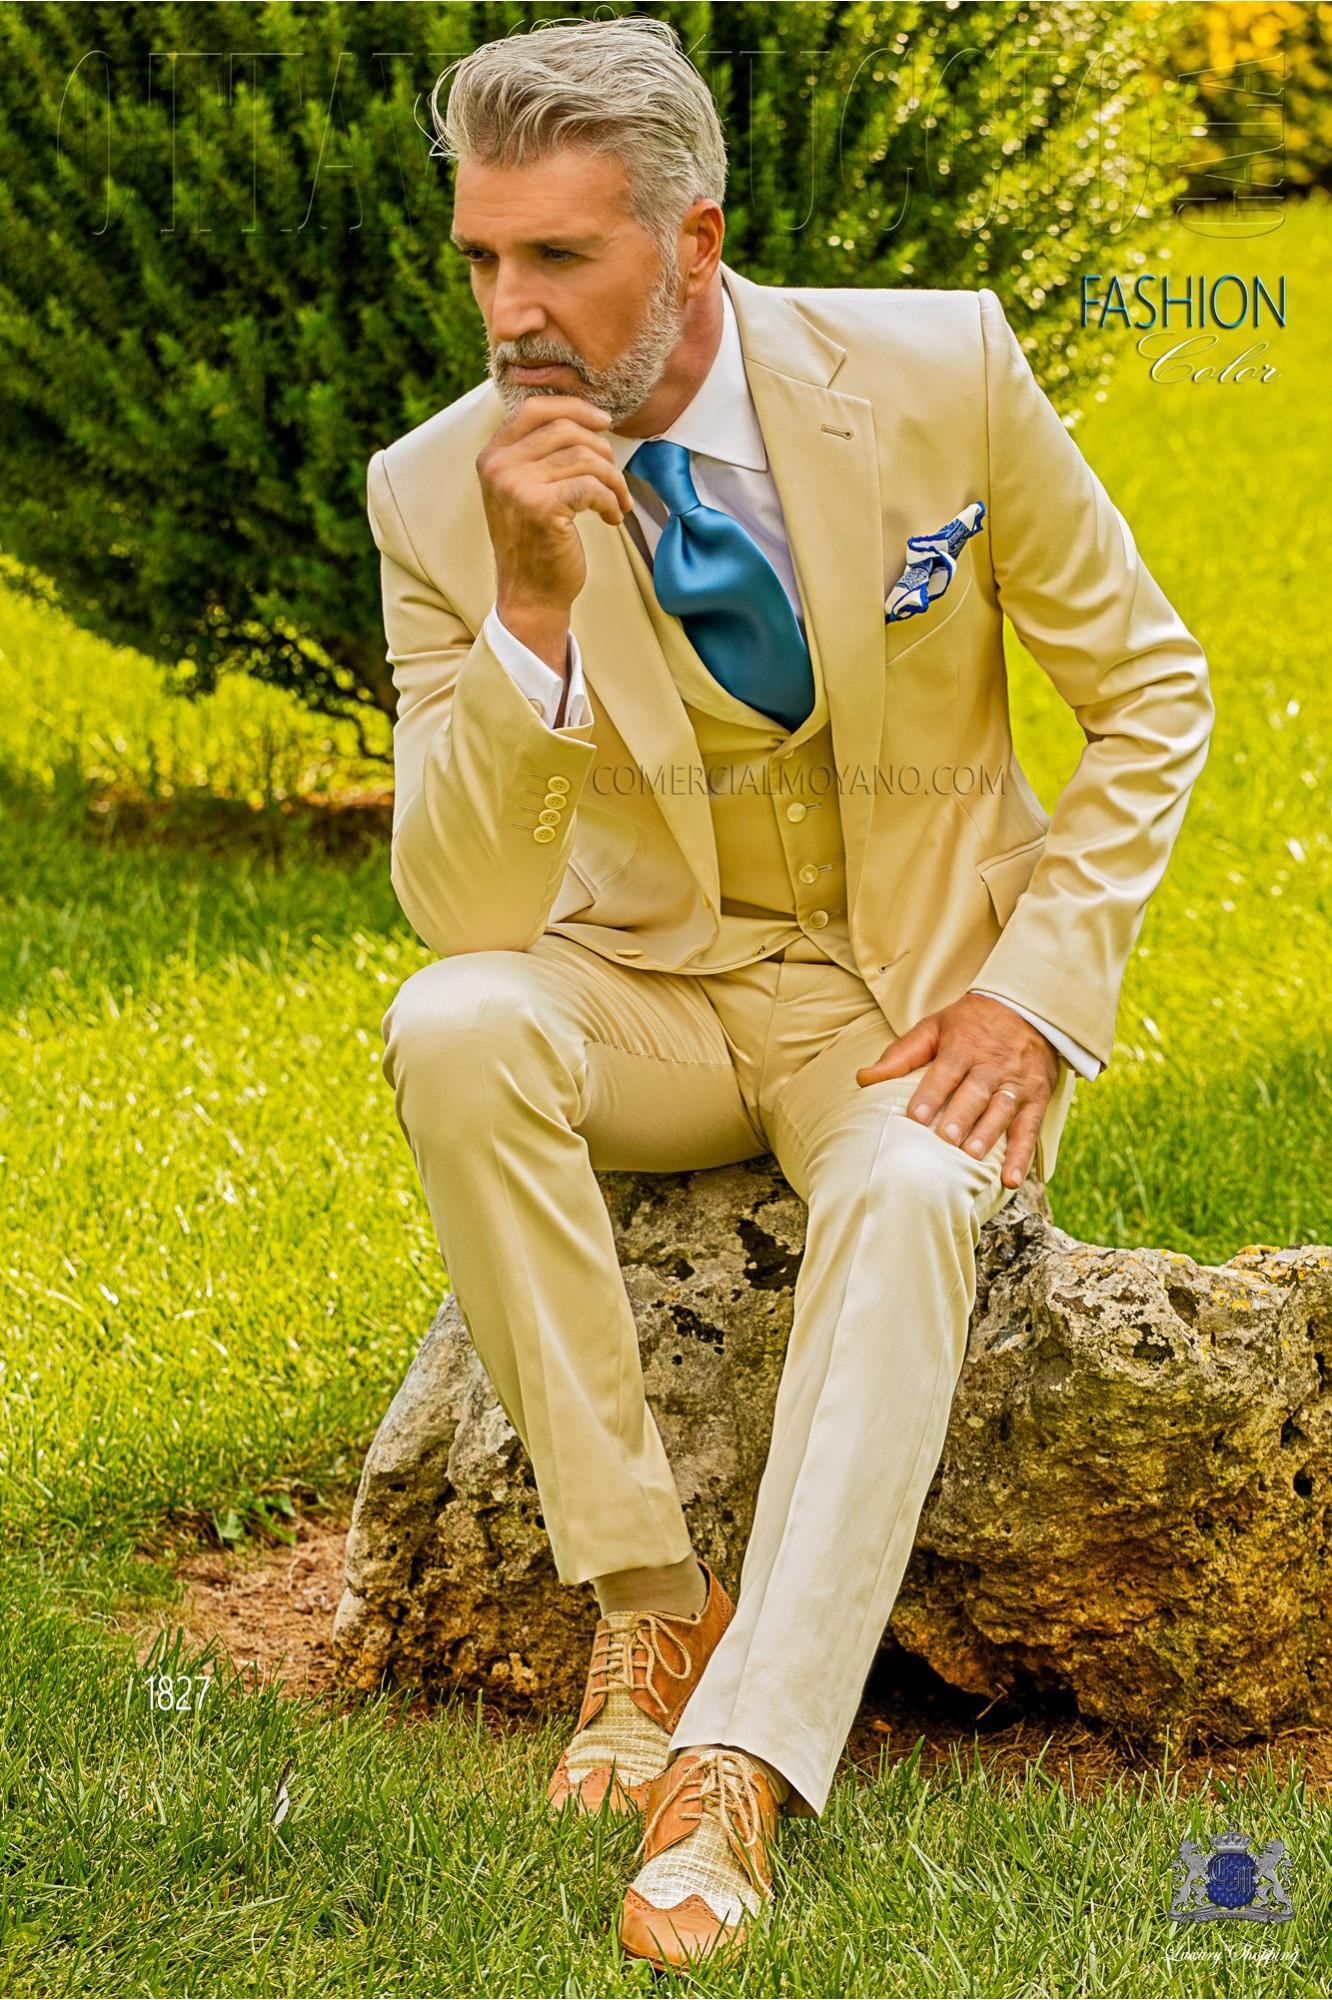 Traje italiano a medida beige en raso de algodón modelo: 1827 Ottavio Nuccio Gala colección Hipster 2017